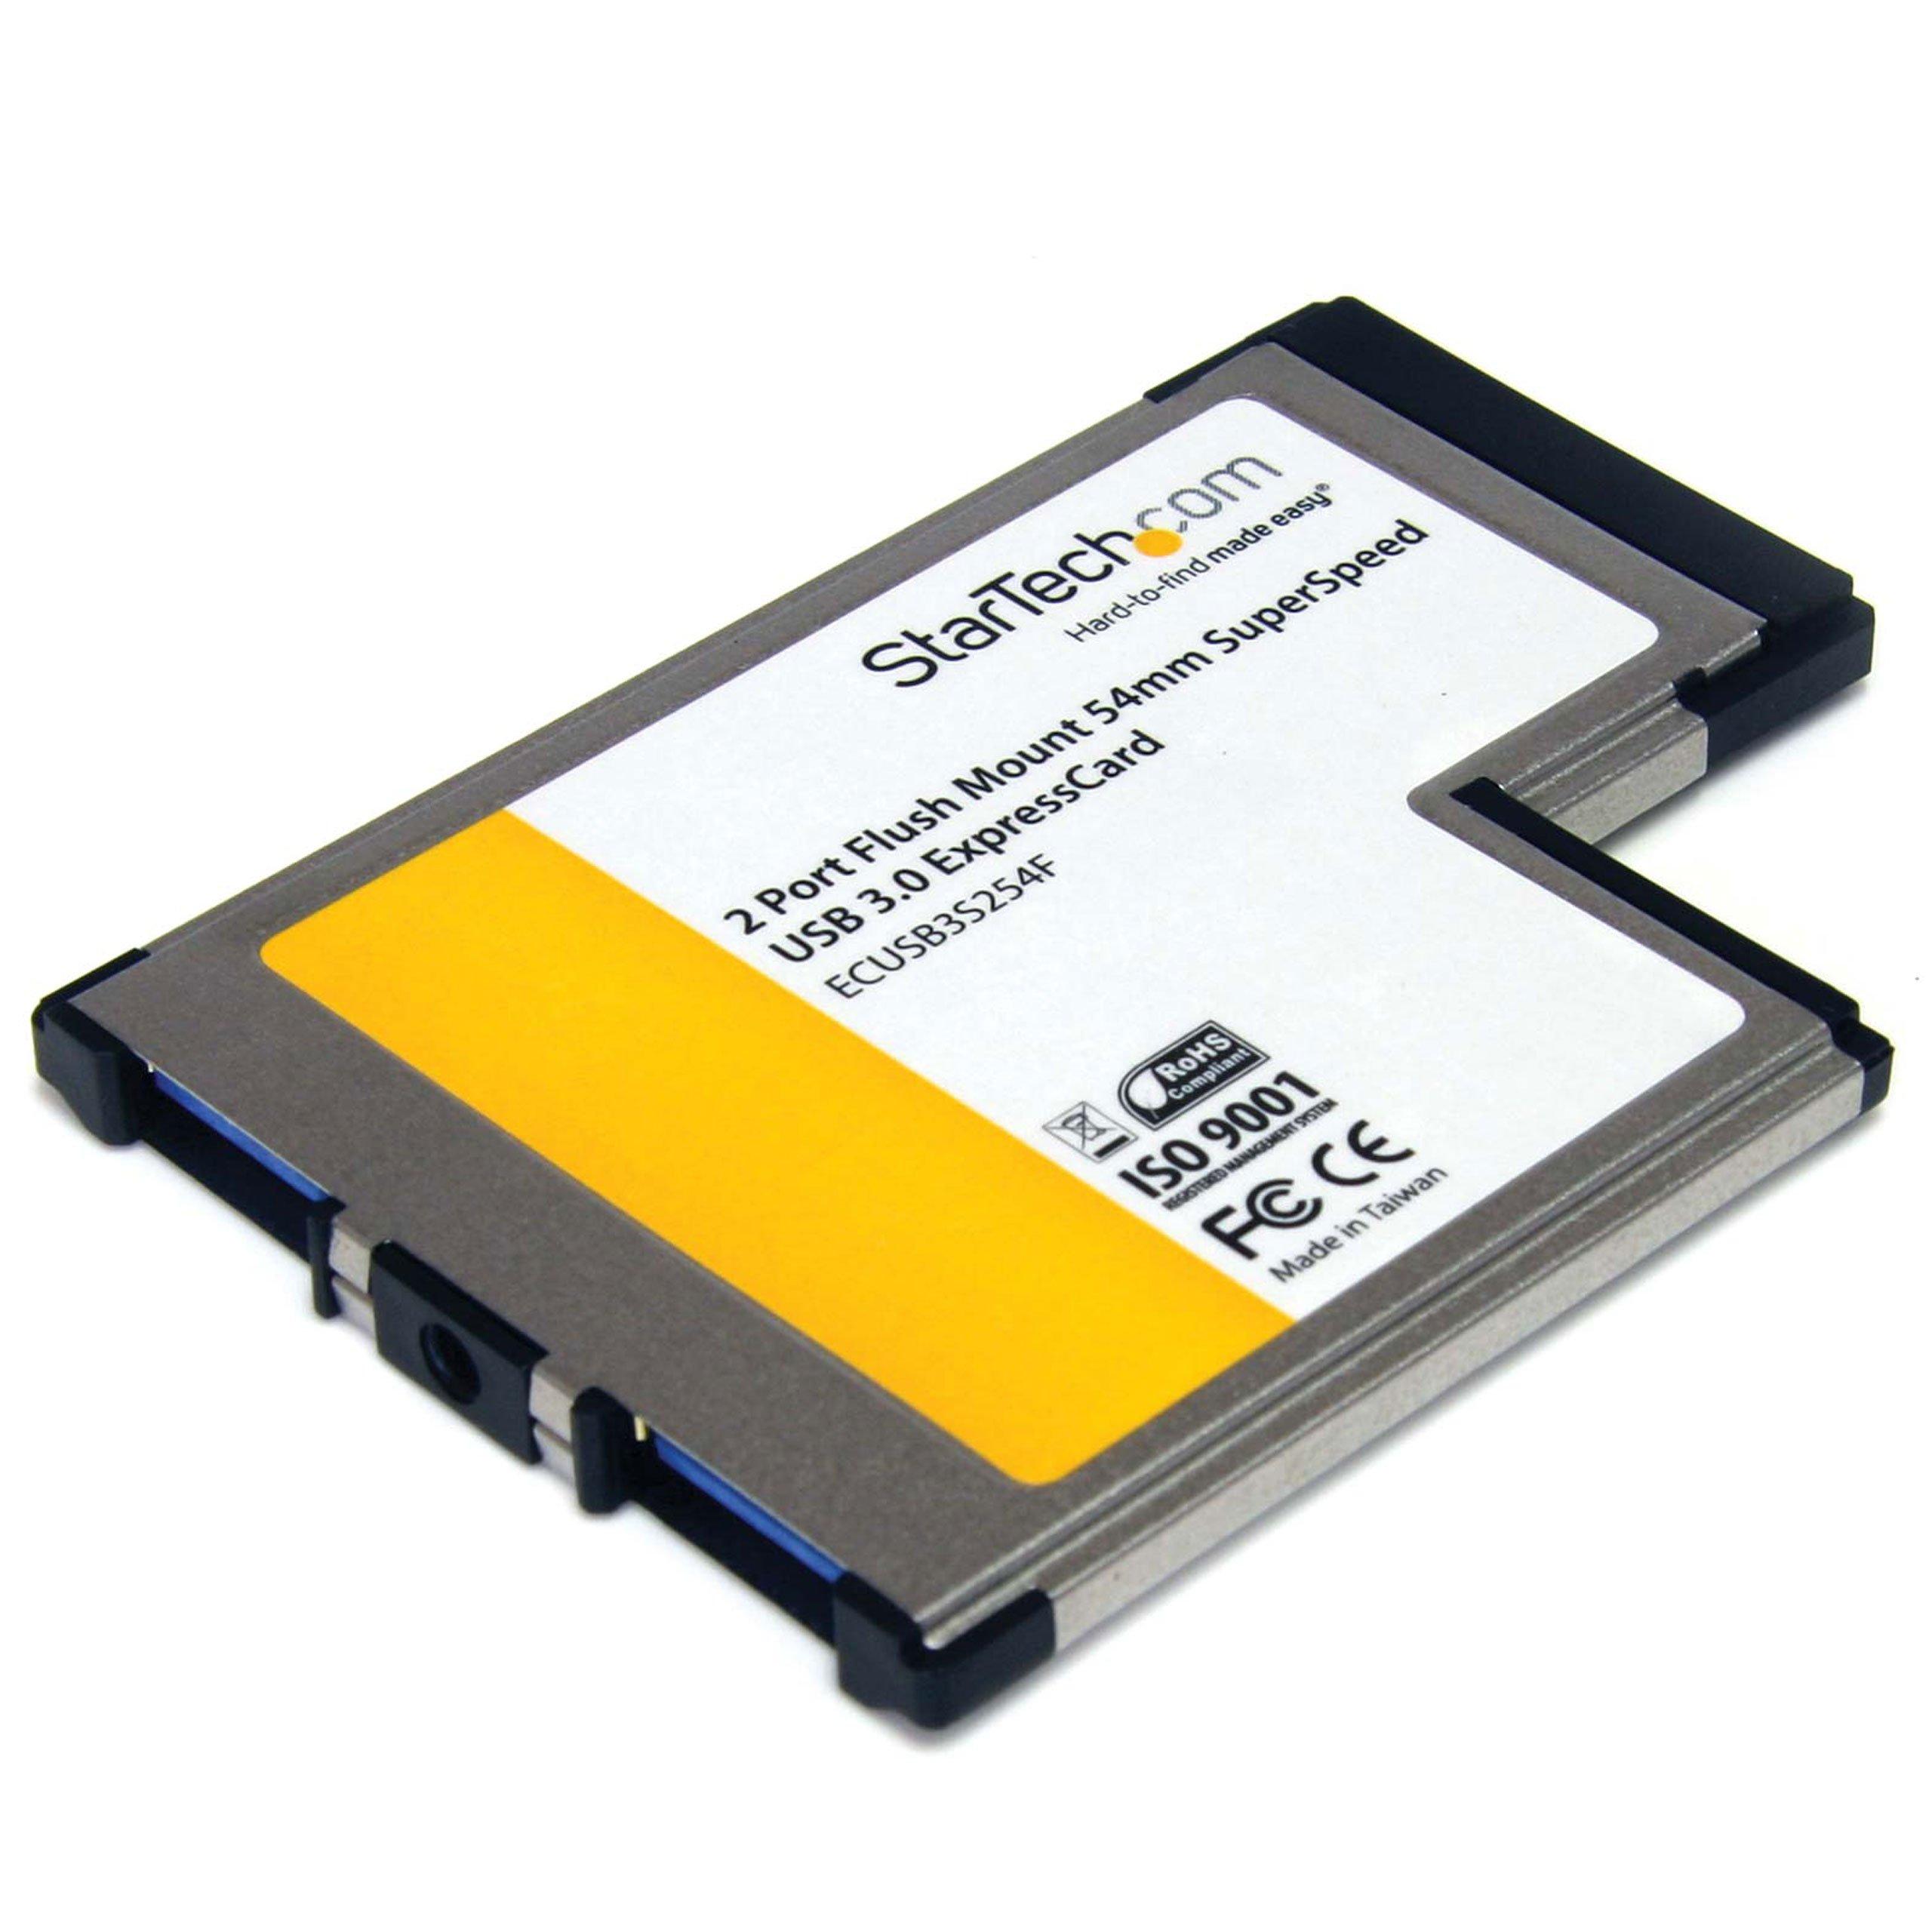 StarTech.com 2-Port Flush Mount ExpressCard 54mm SuperSpeed USB 3.0 Card Adapter (ECUSB3S254F) by StarTech